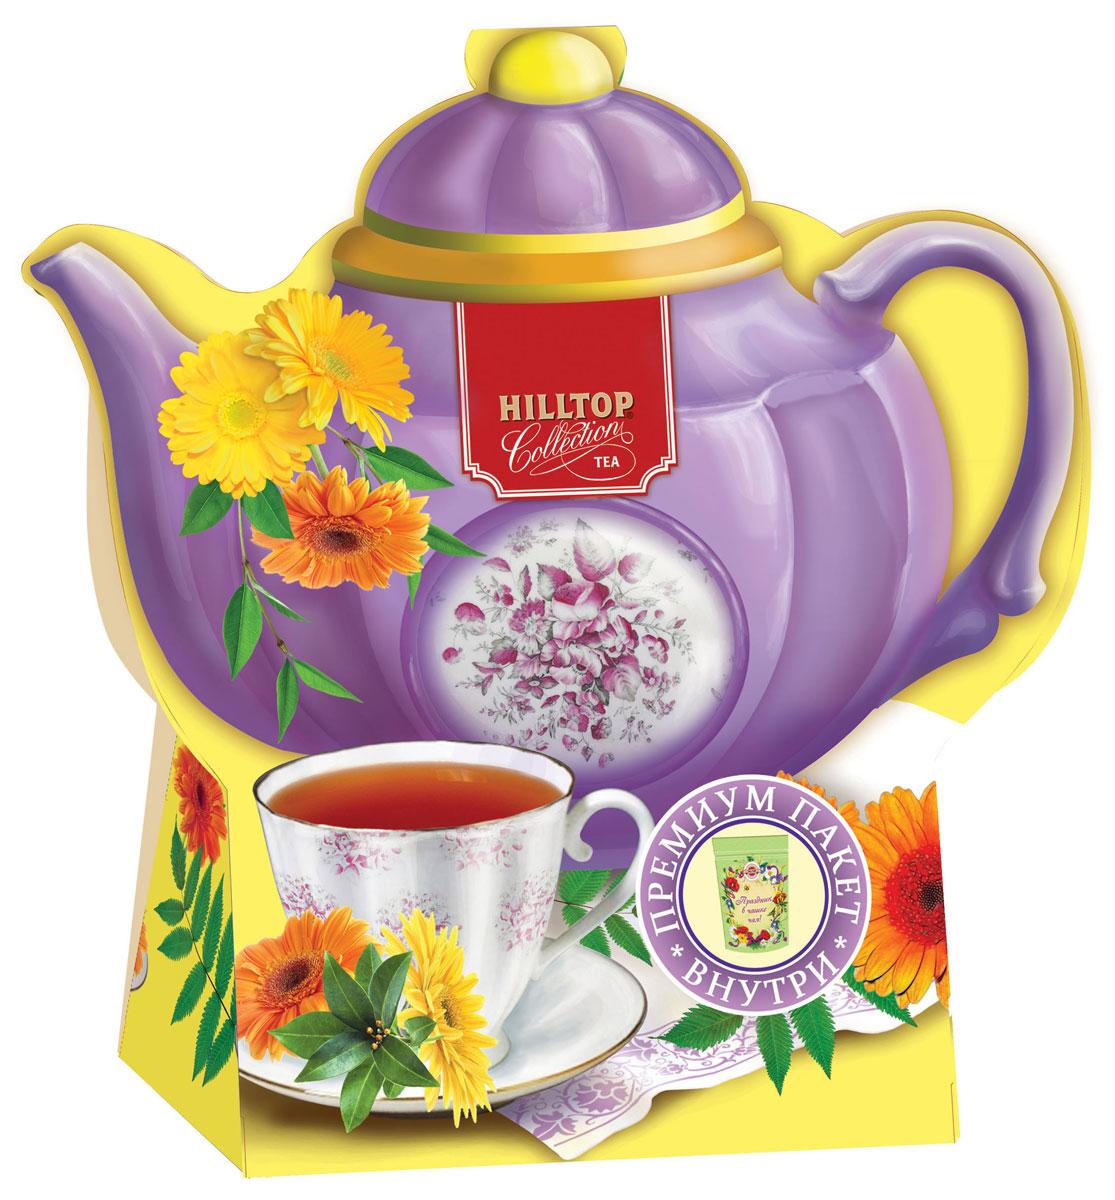 Hilltop Подарок Цейлона черный листовой чай, 80 г (чайник фиолетовый) hilltop пасхальный подарок черное золото черный листовой чай 80 г